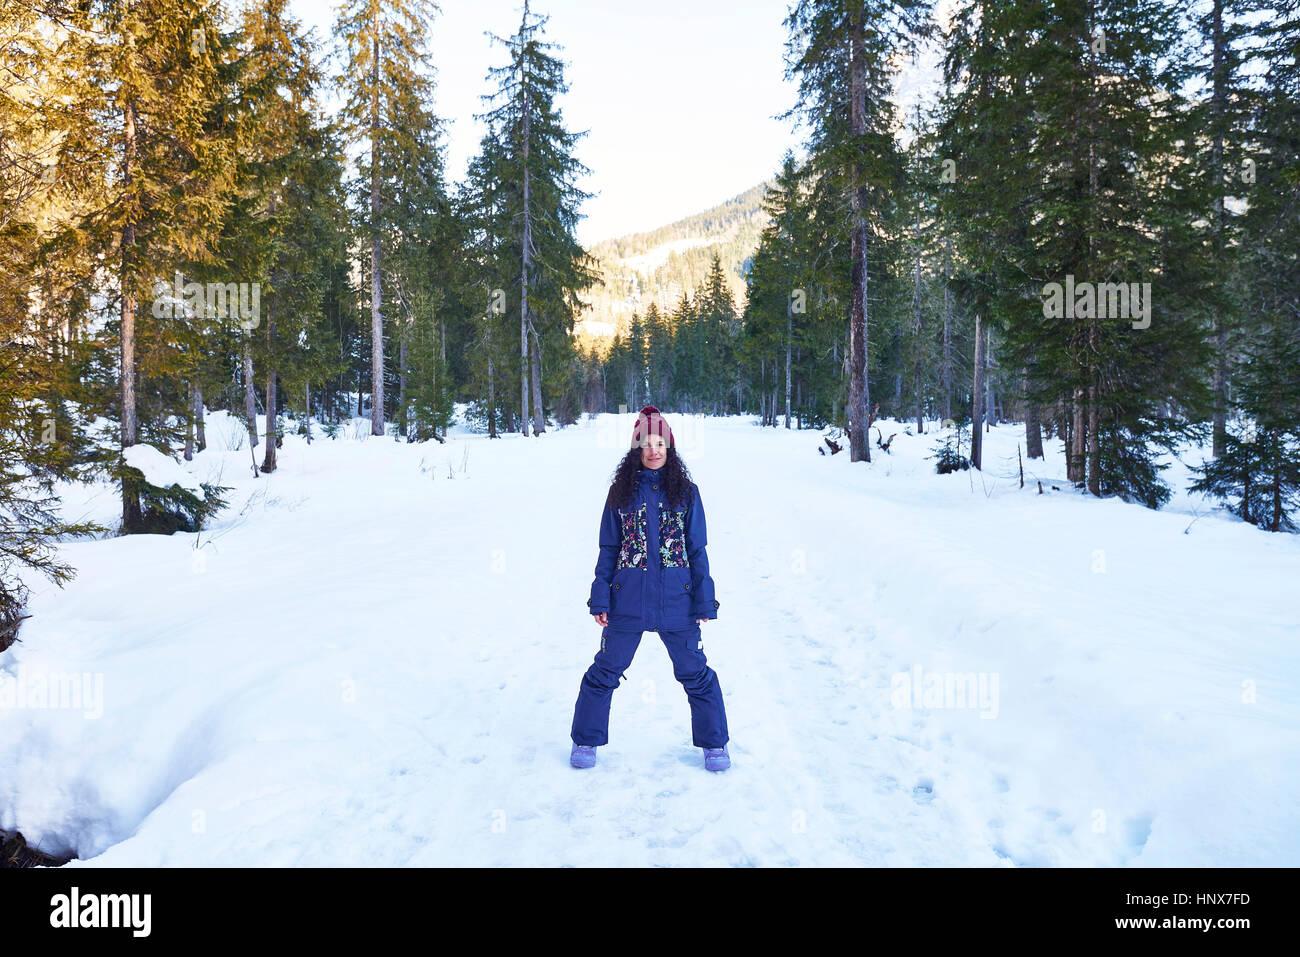 Portrait de femme au chapeau en tricot et des vêtements d'hiver dans la forêt enneigée, Autriche Photo Stock